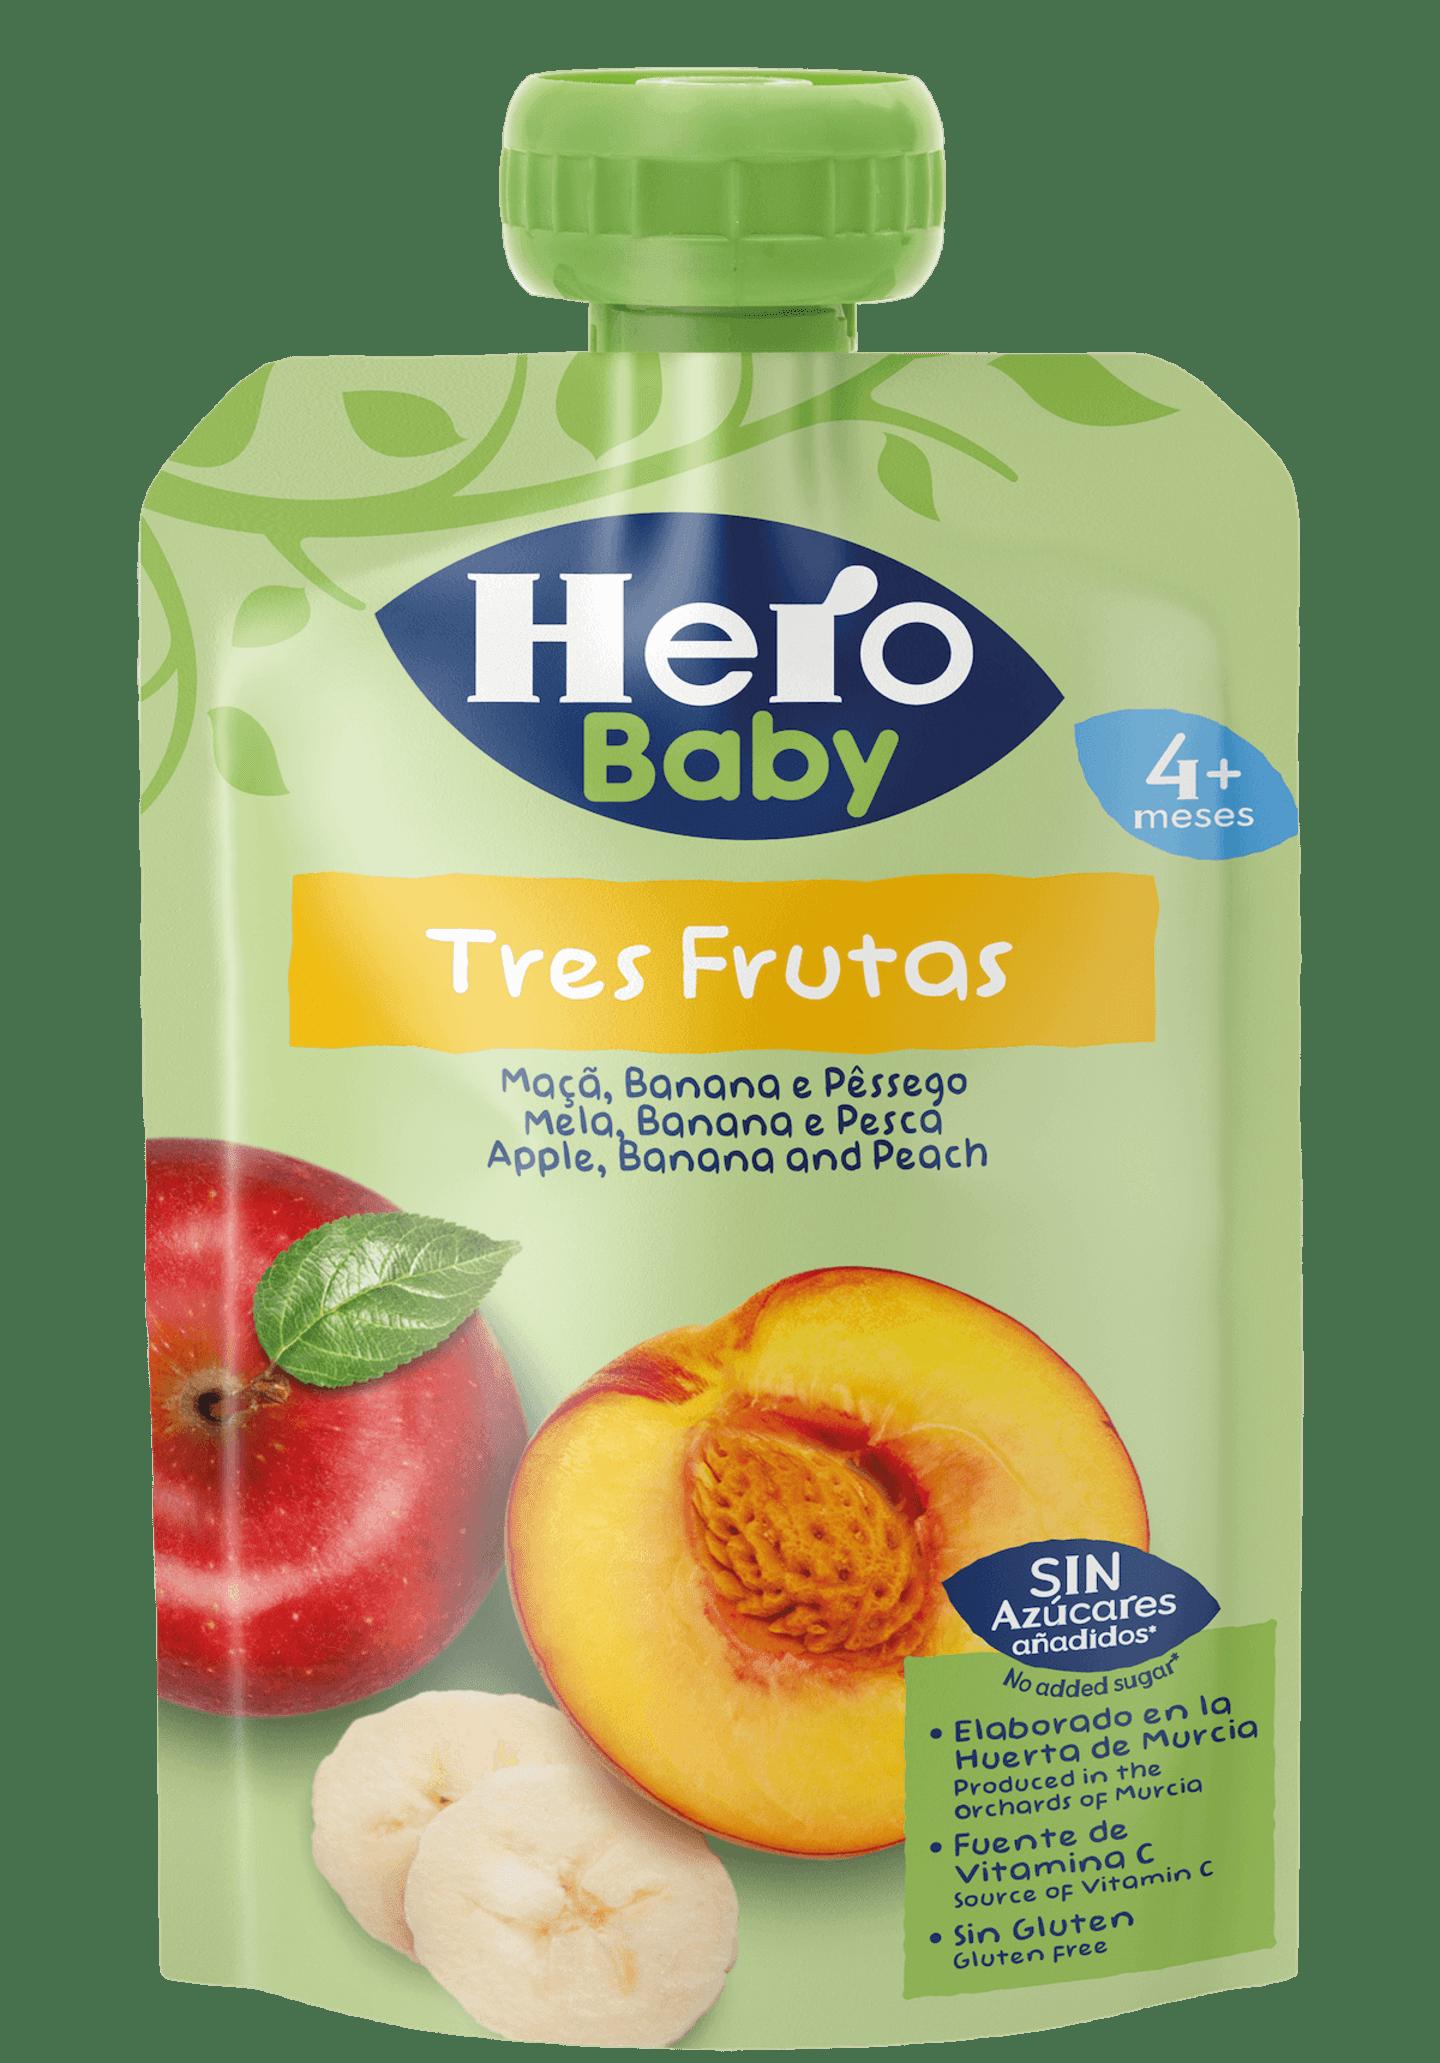 Saqueta Hero maçã banana e pêssego